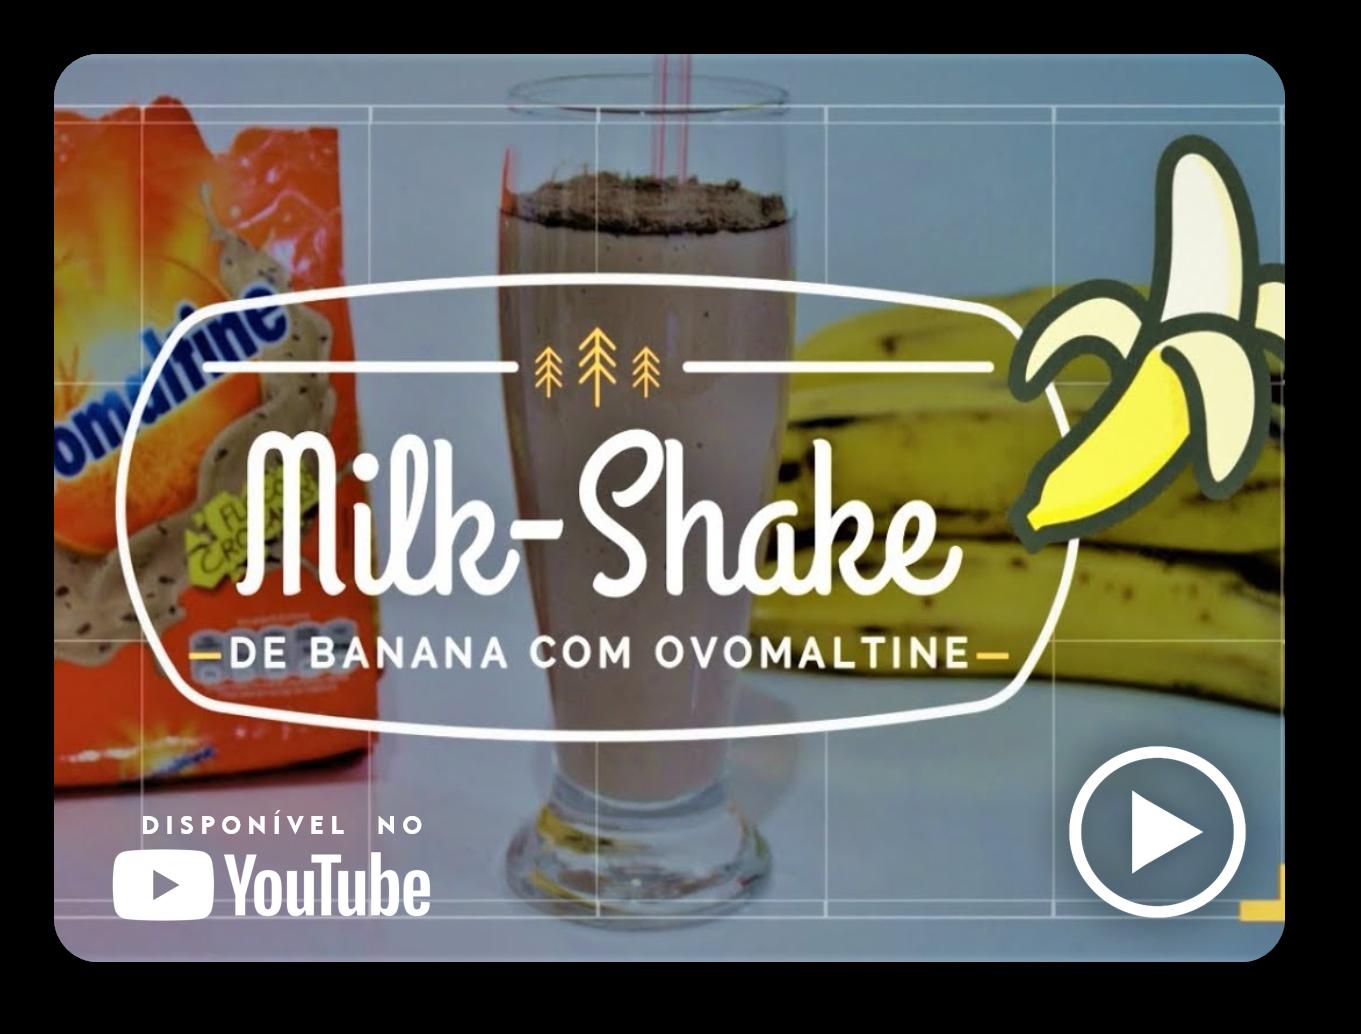 Milk-Shake de Banana com Ovomaltine